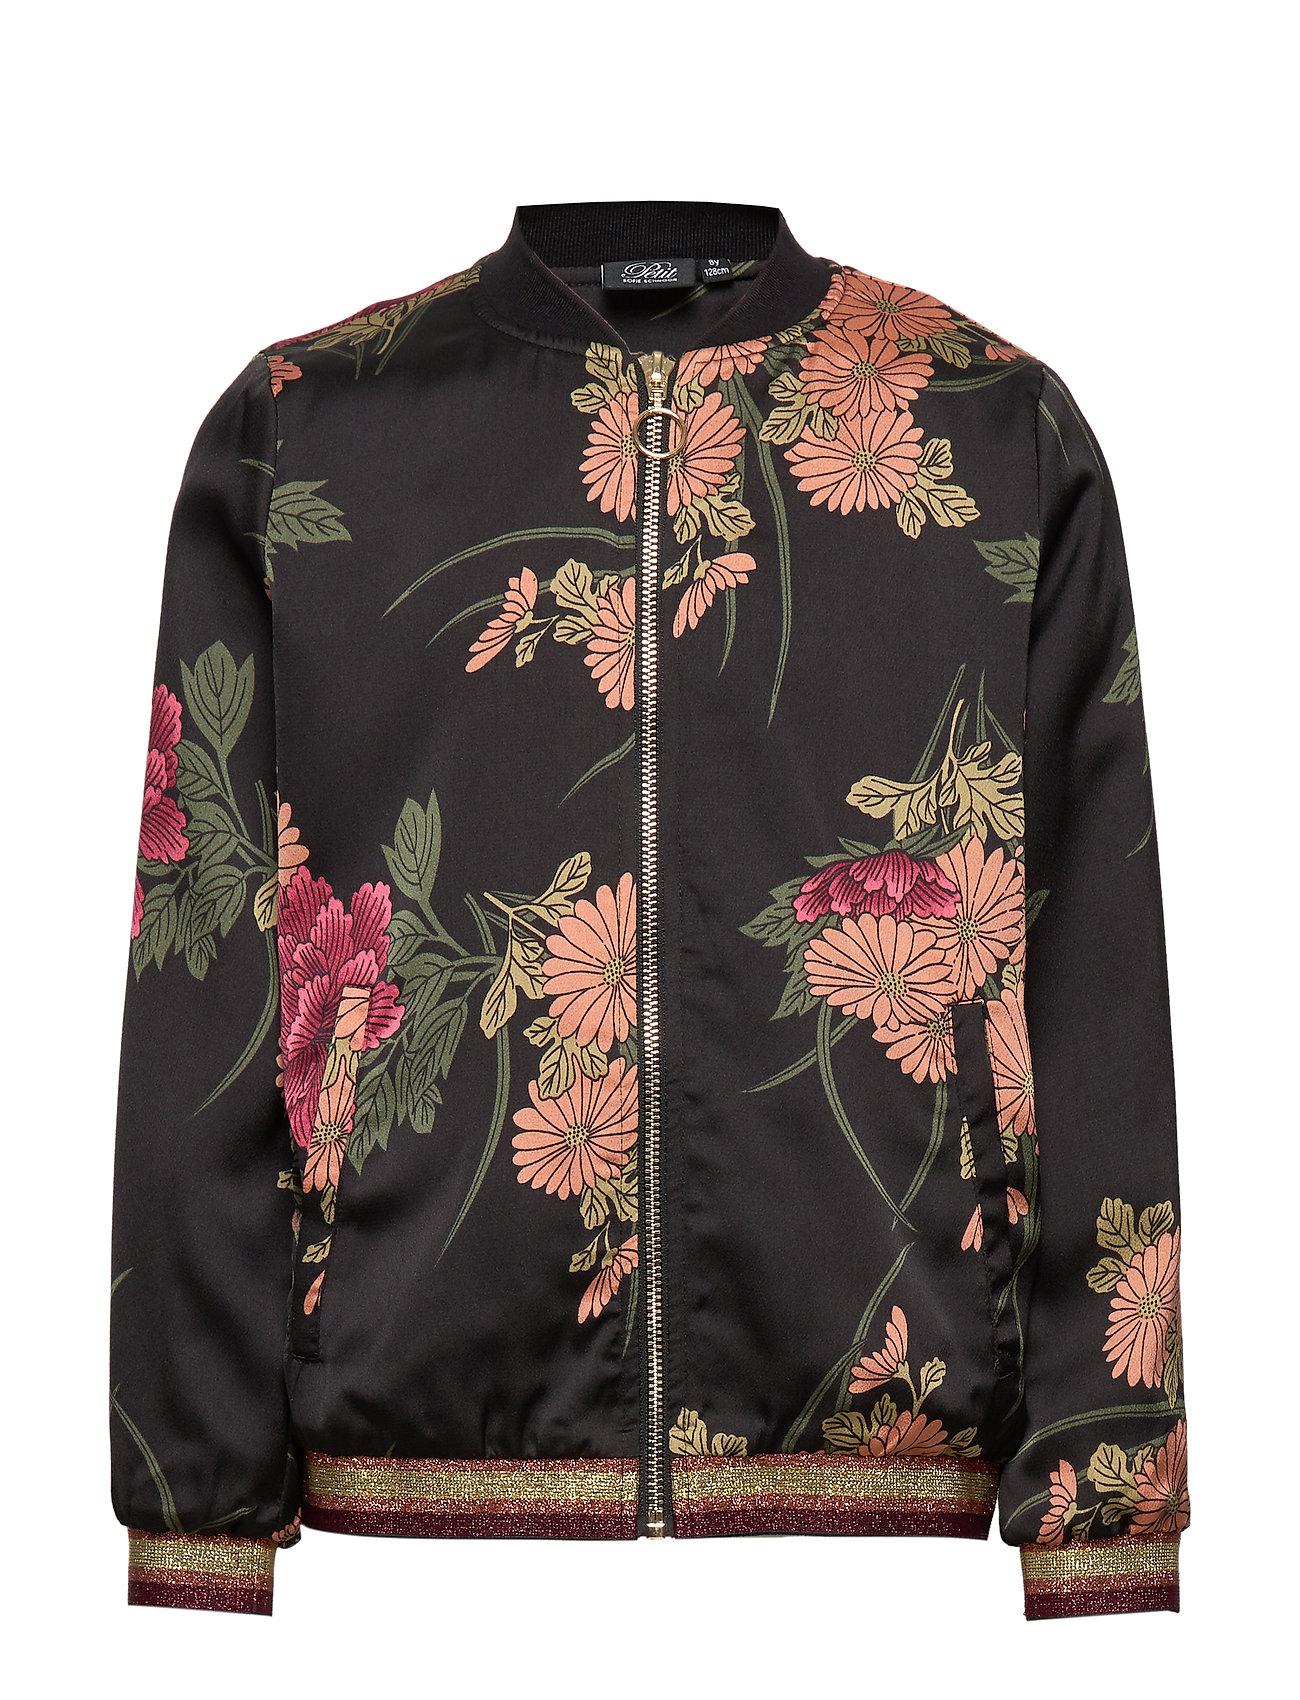 Petit by Sofie Schnoor Bomber jacket - AOP FLOW BLK